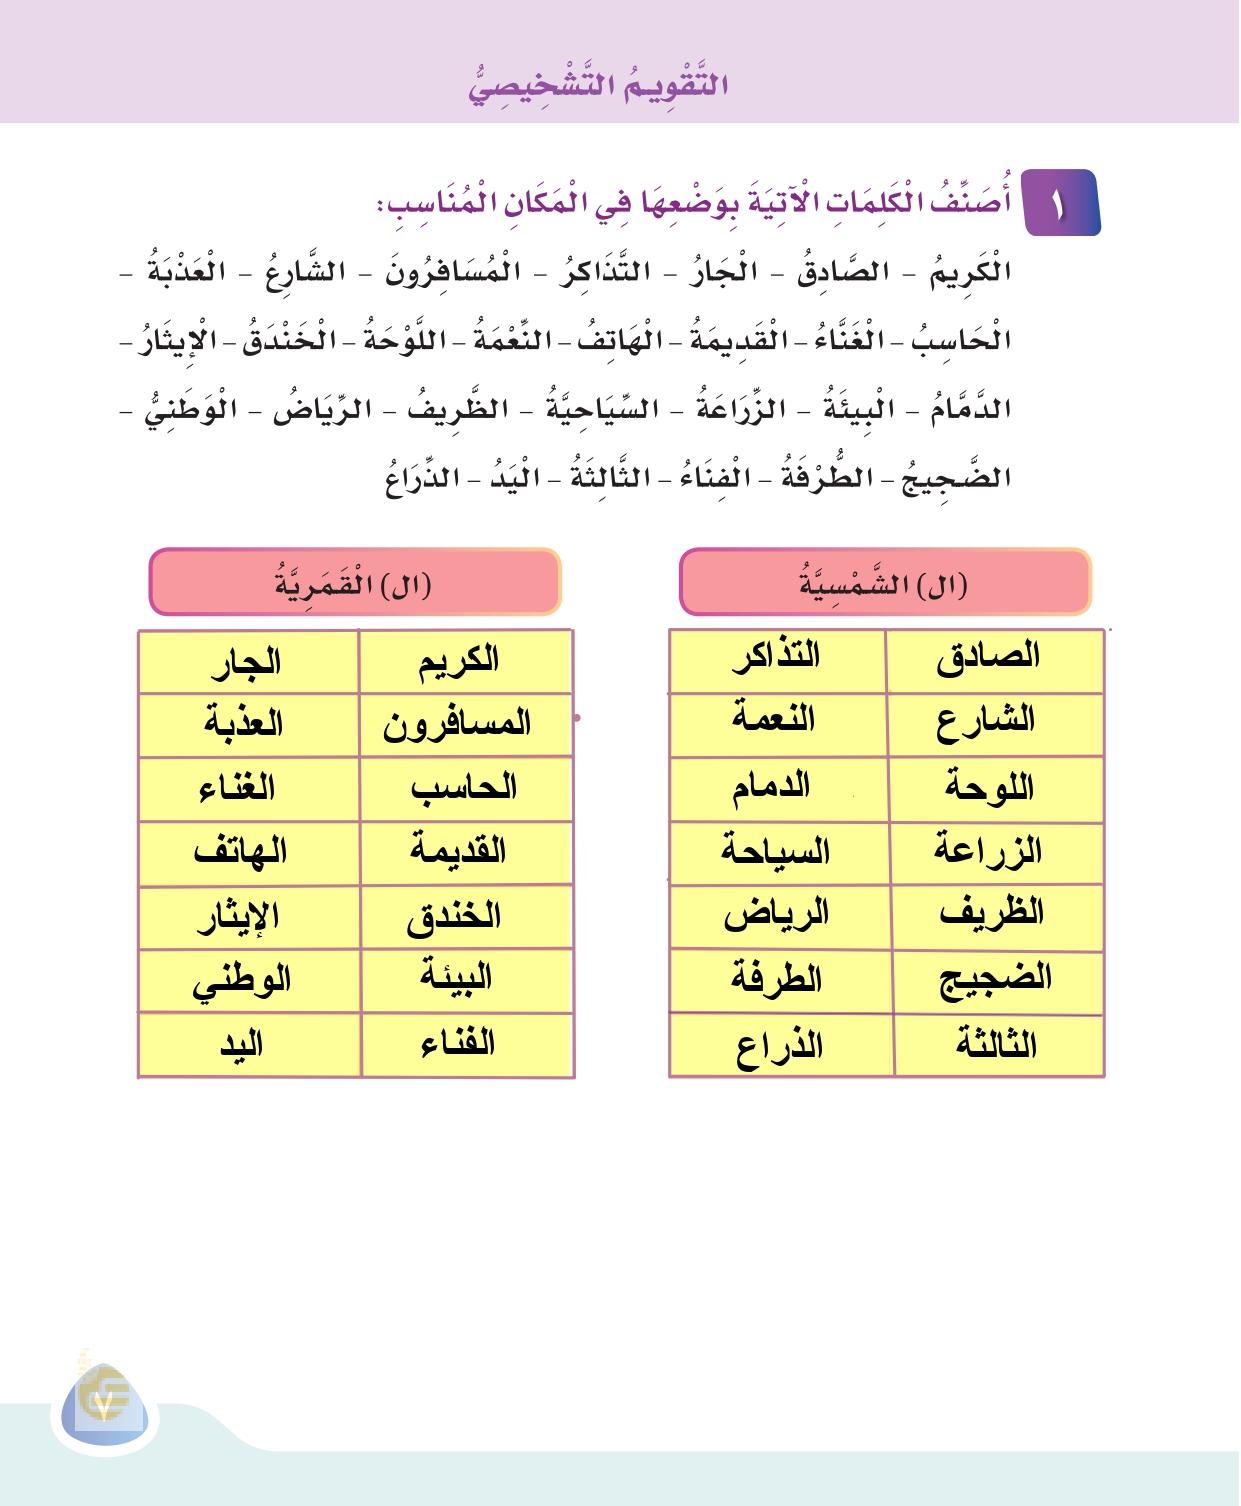 حل لغتي ثالث التقويم التشخيصي صفحة 7 14